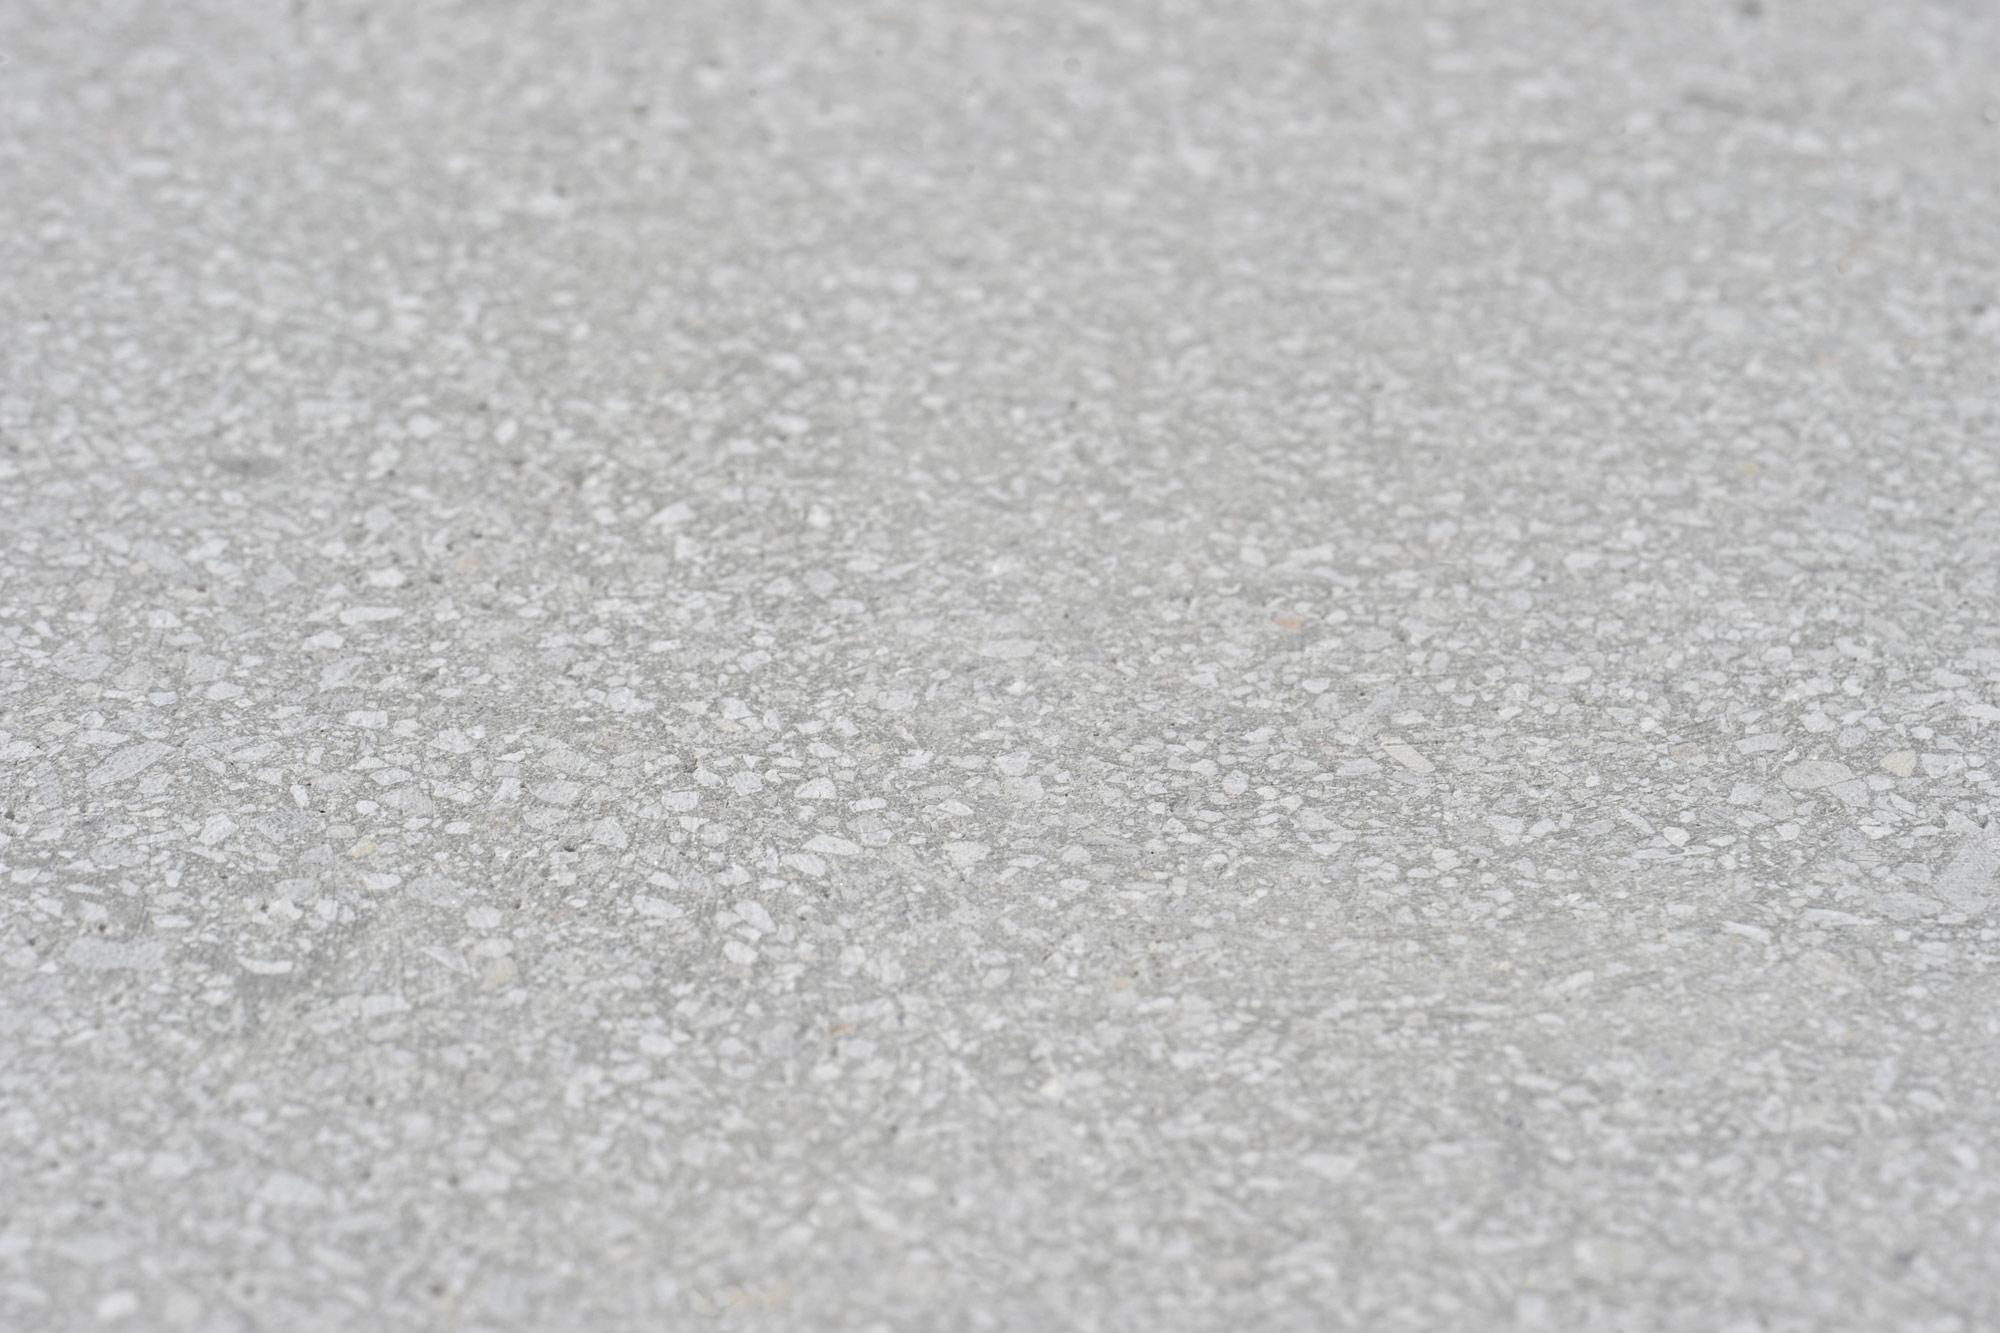 neskrcljivi_betoni